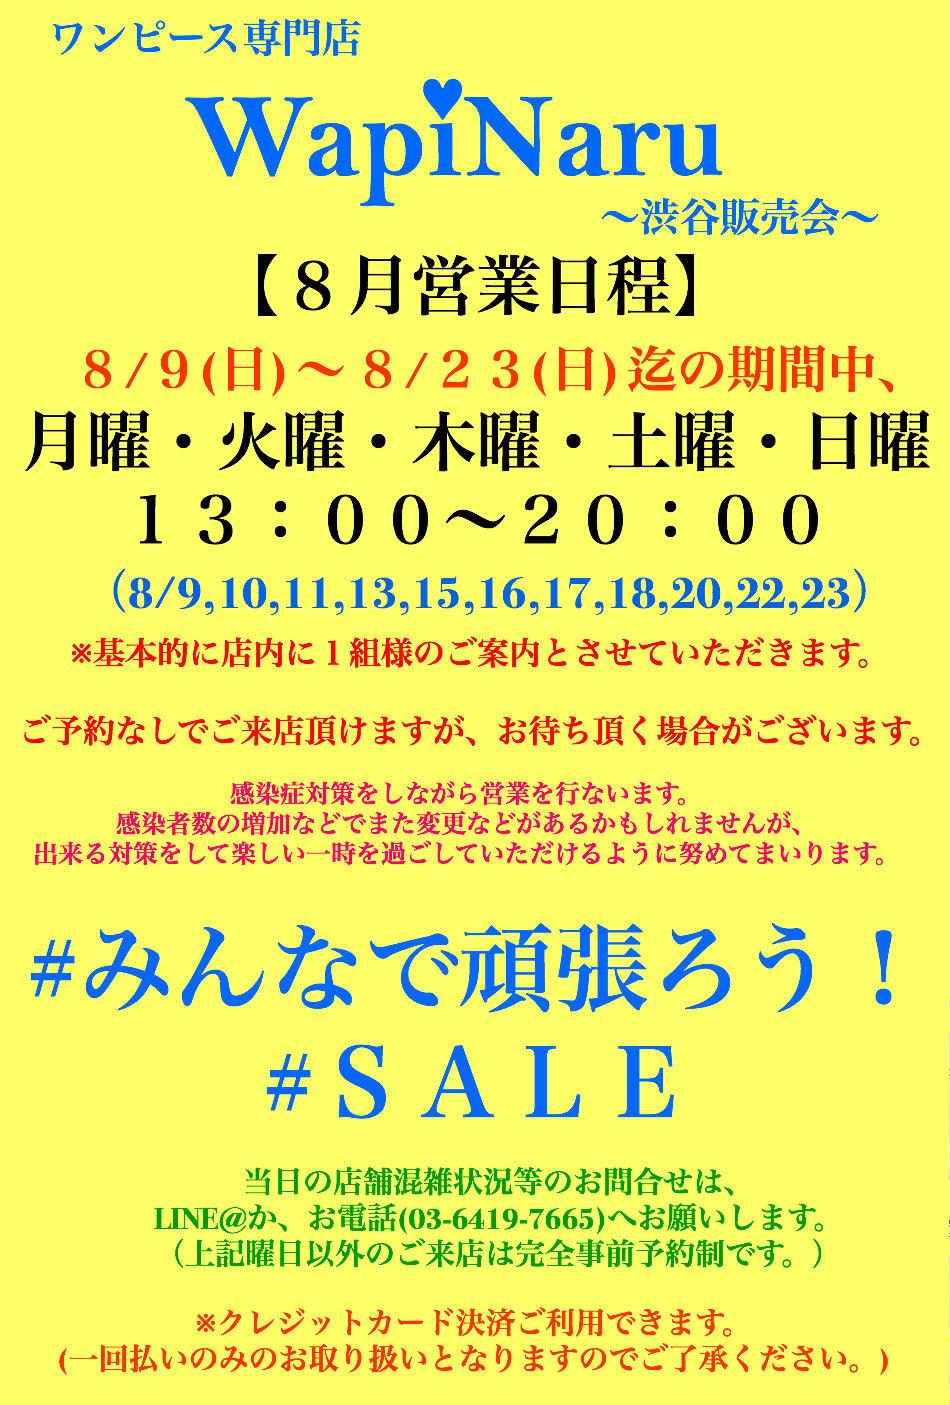 2020年8月 渋谷販売会